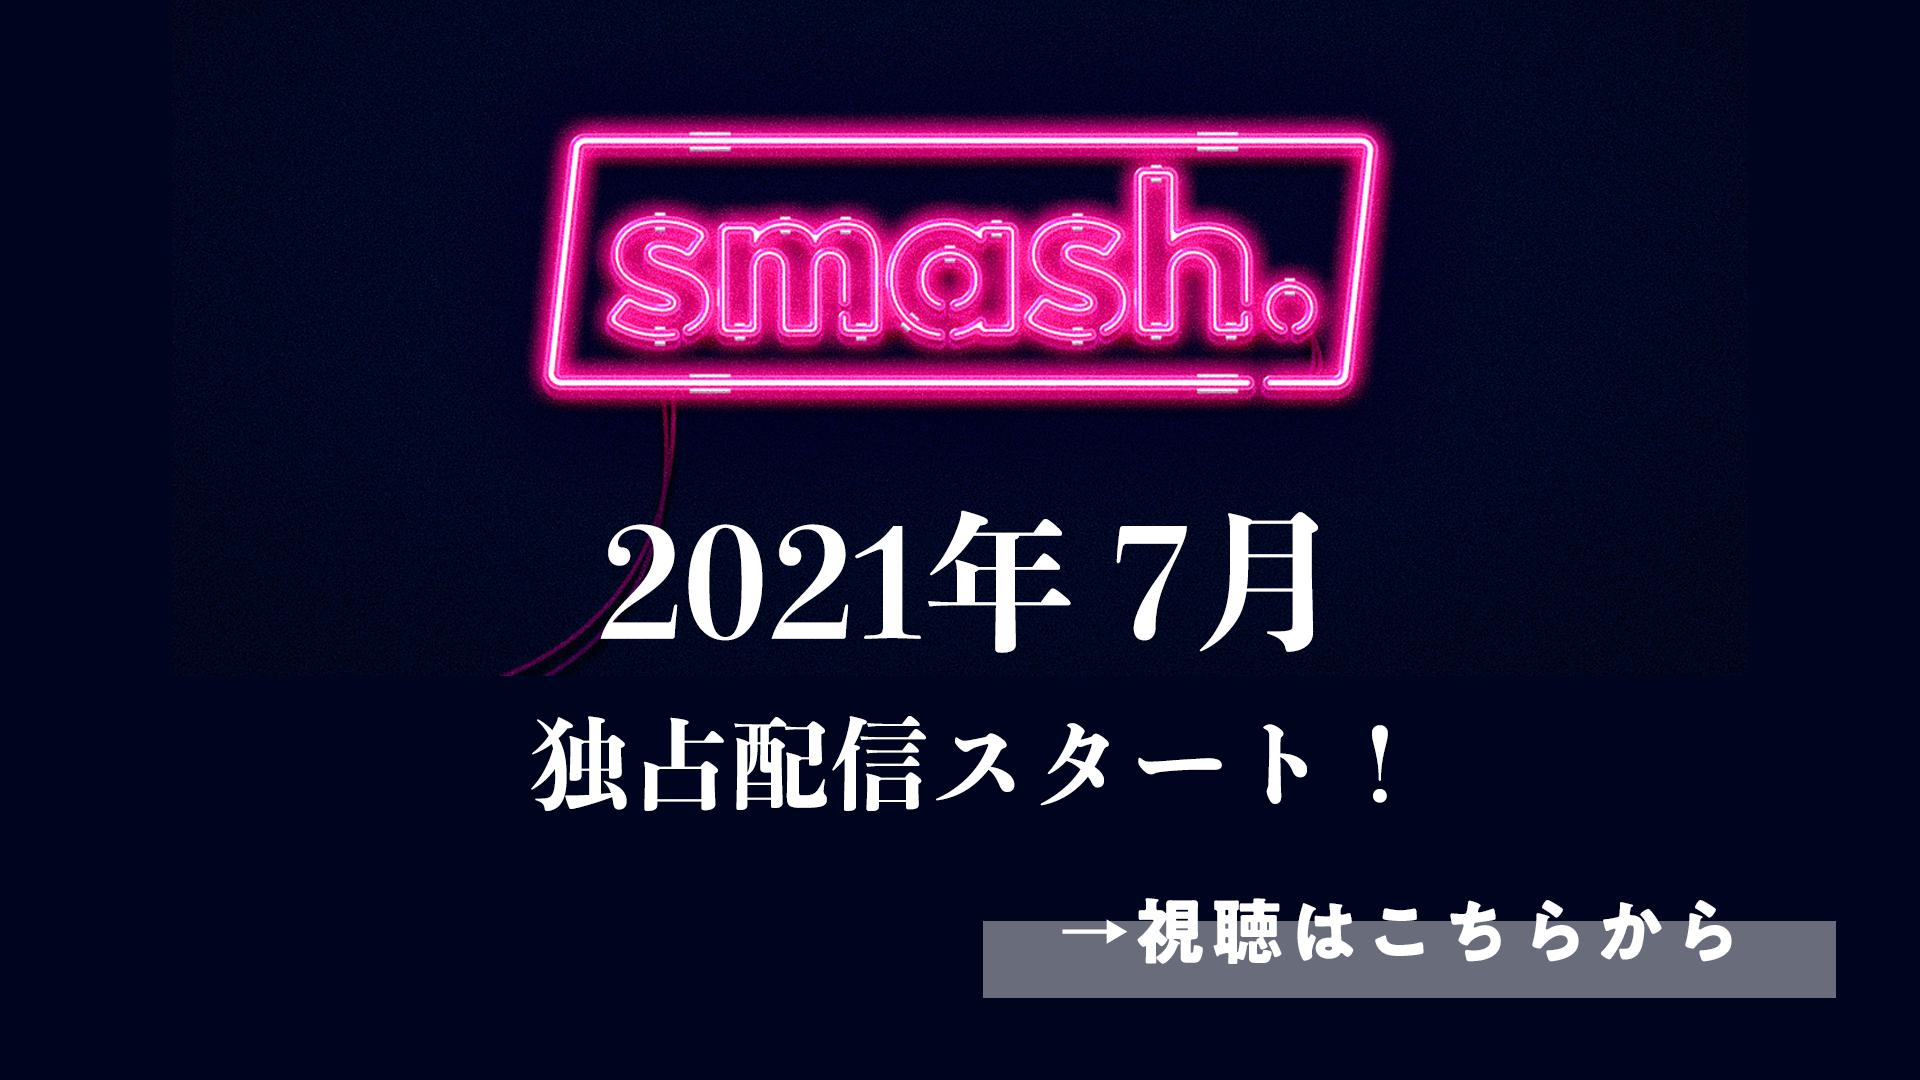 2021年7月 独占配信スタート!